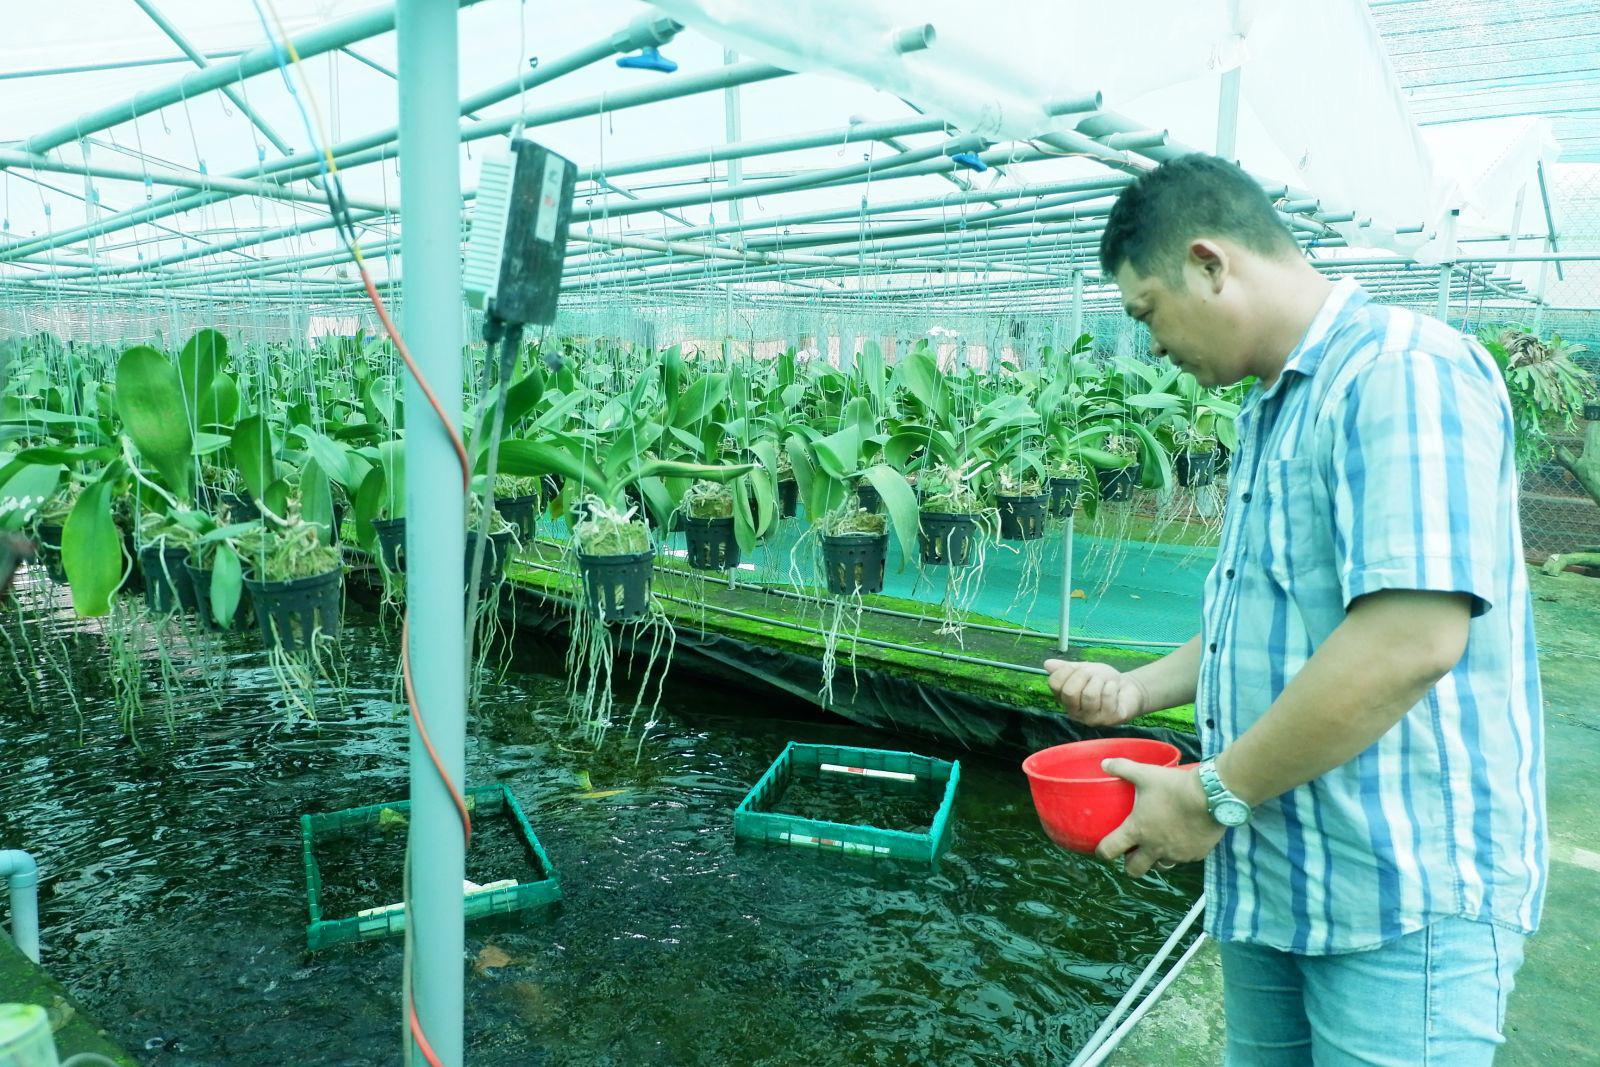 Long An: Làm nông nghiệp công nghệ cao, trên trồng phong lan rừng, dưới nuôi cá bơi tung tăng, chàng Hoàng Hậu kiếm bộn tiền - Ảnh 1.